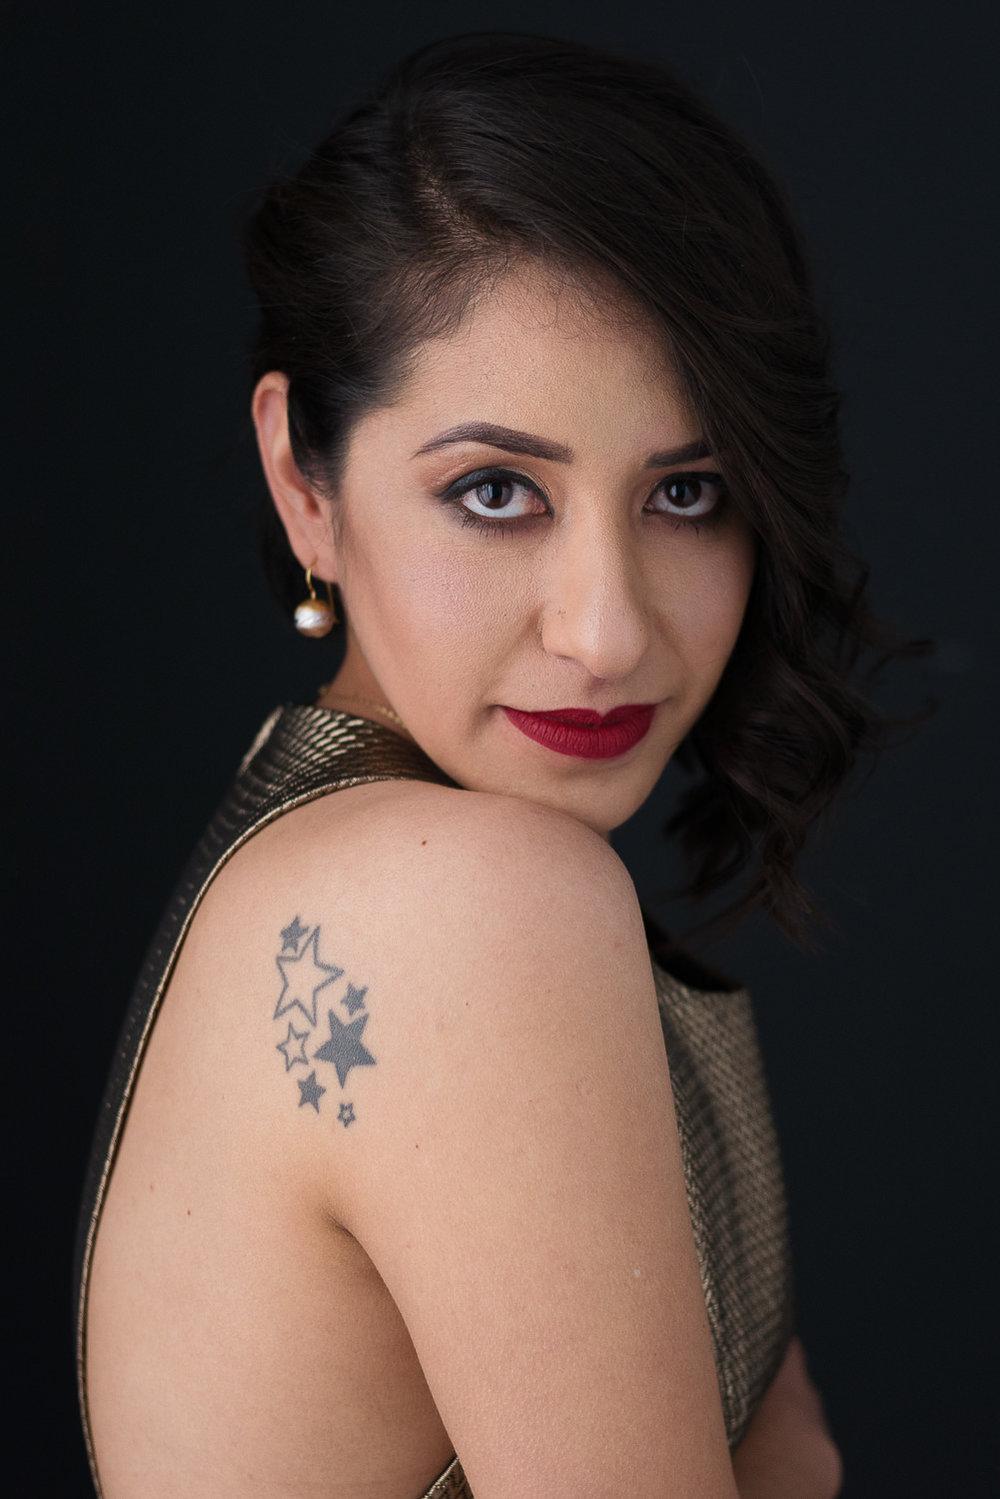 Miryam Barba-Melissa Alcantar Fotografia Sesión de fotos